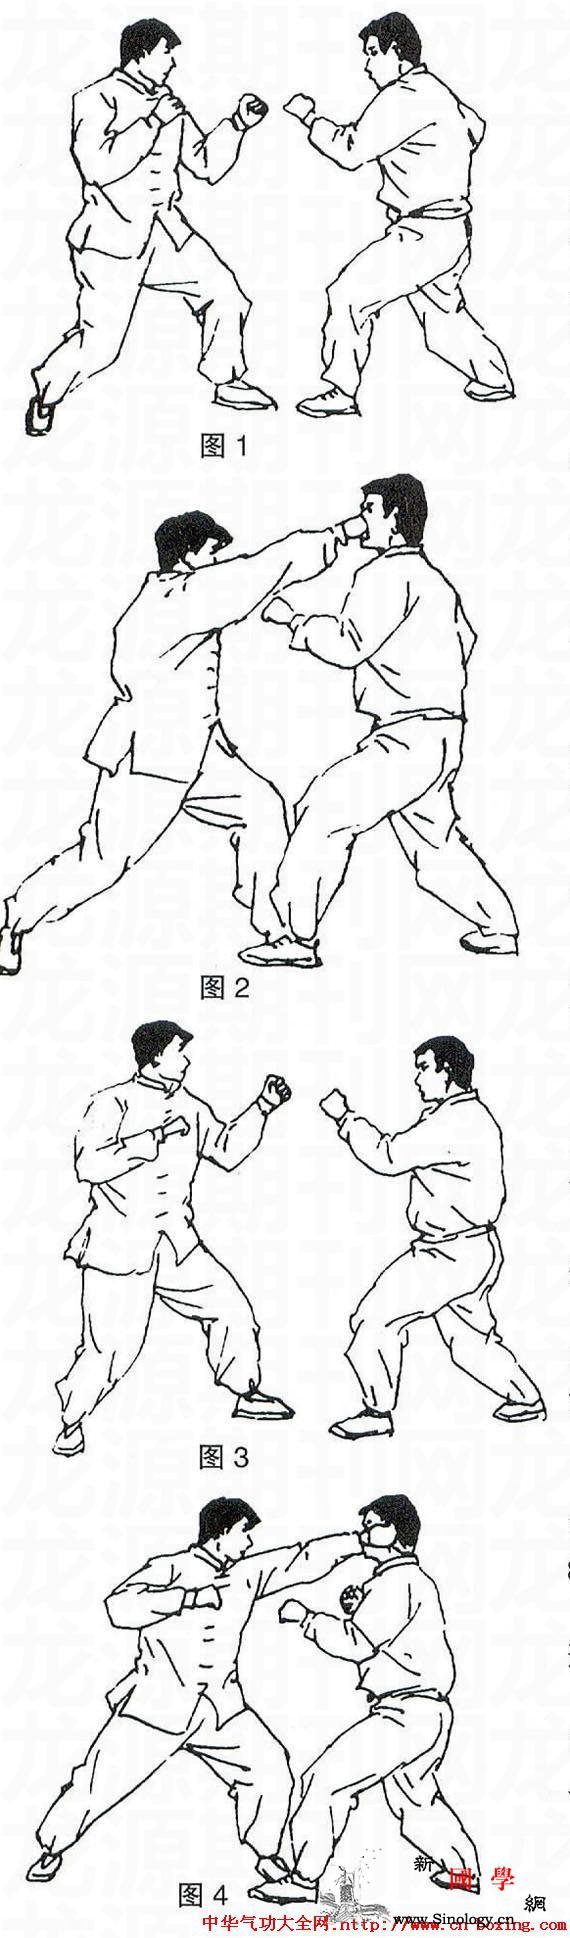 突然进攻技击法_技击-进攻-右脚-左脚- ()